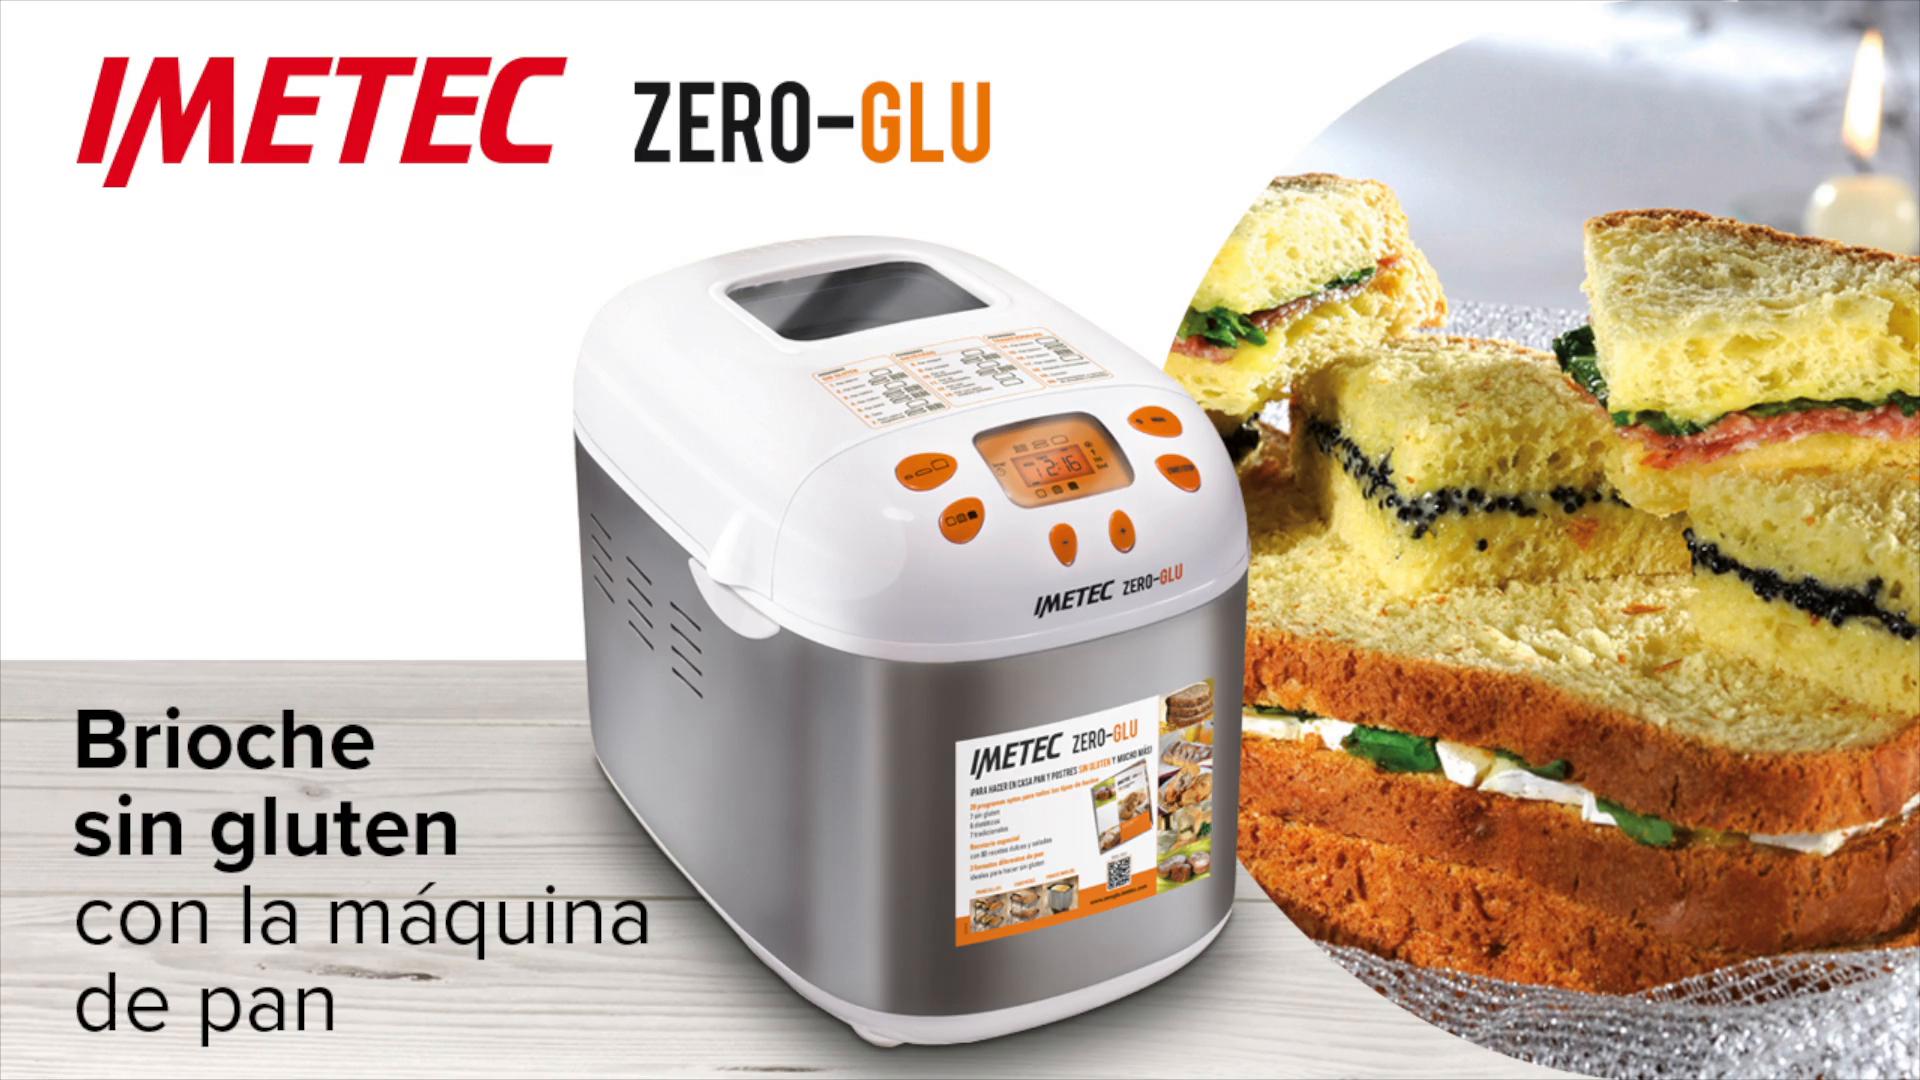 Imetec Zero-Glu - Panificadora, 20 Programas Pan y Dulces, sin Gluten, Accesorios para 3 Formas de Pan, Temporizador Digital, Libro de Cocina, Capacidad 1 kg, Amasar, Levadura y Hornear, 920 vatios: Amazon.es: Hogar